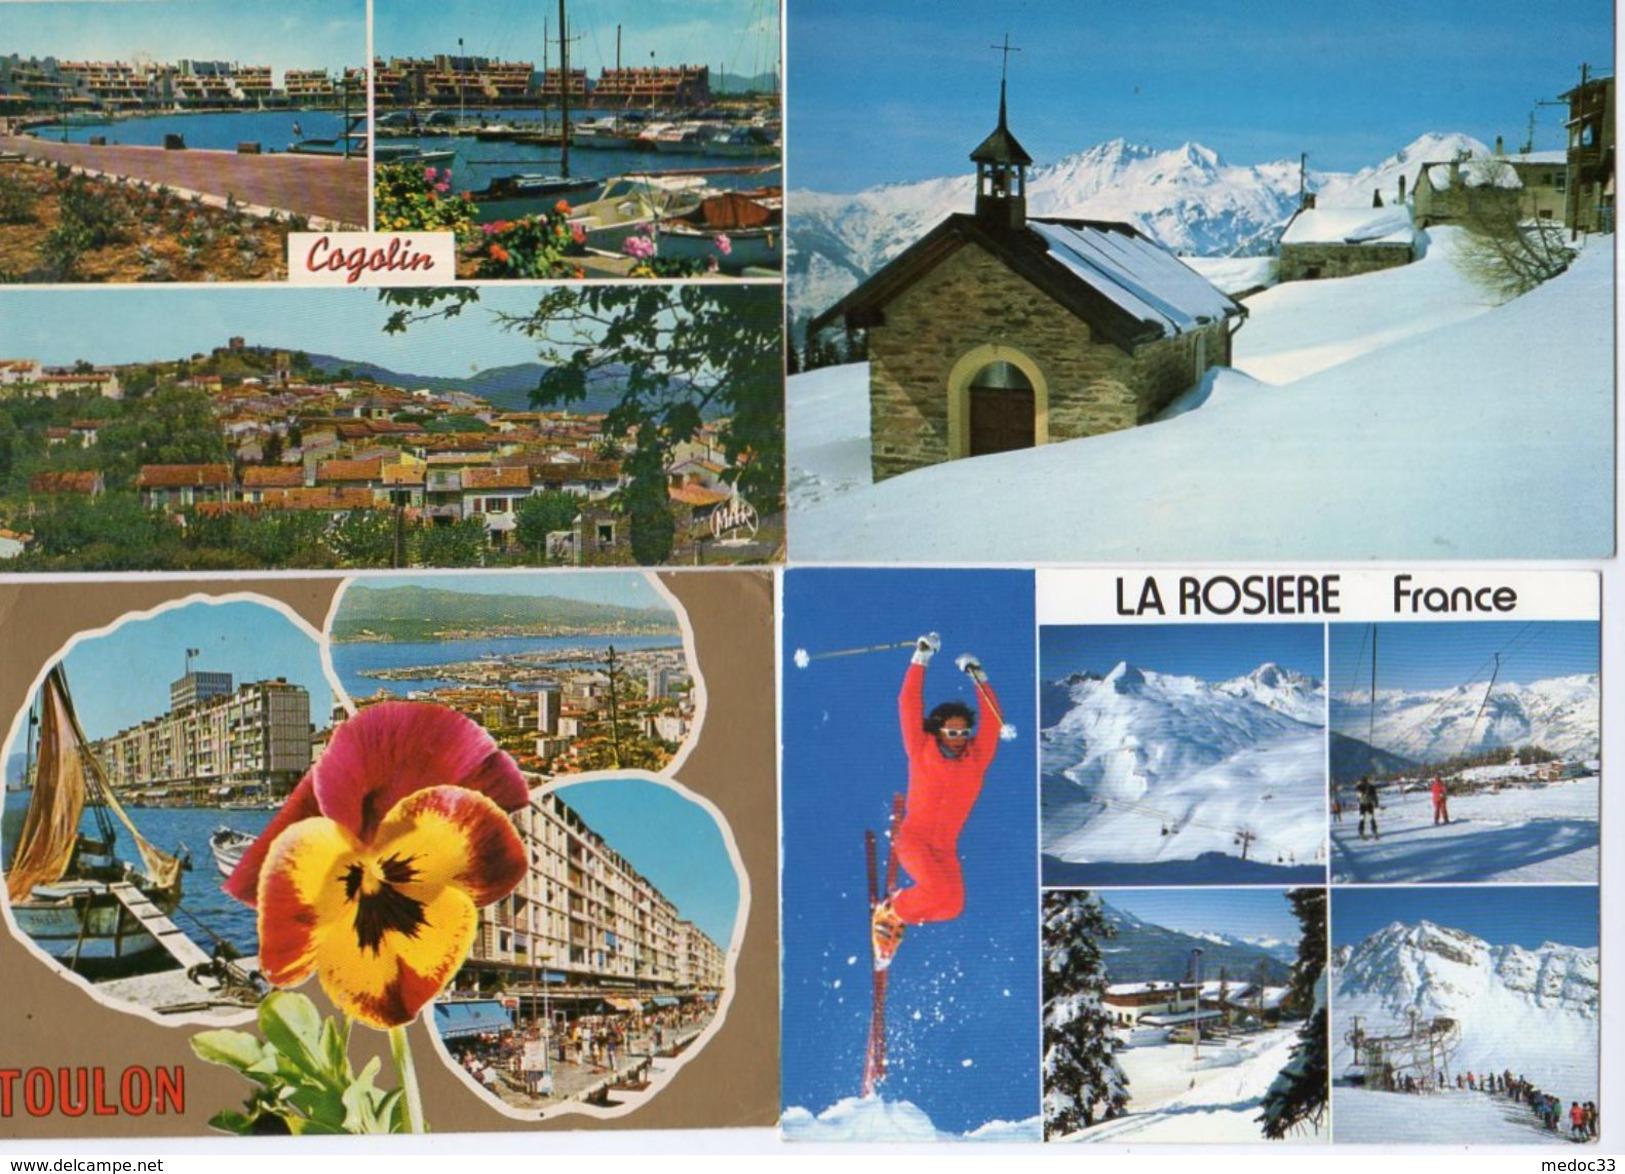 Lot De 500 Cartes De France (400 Cpm Et 100 Cpsm GF) - Cartes Postales